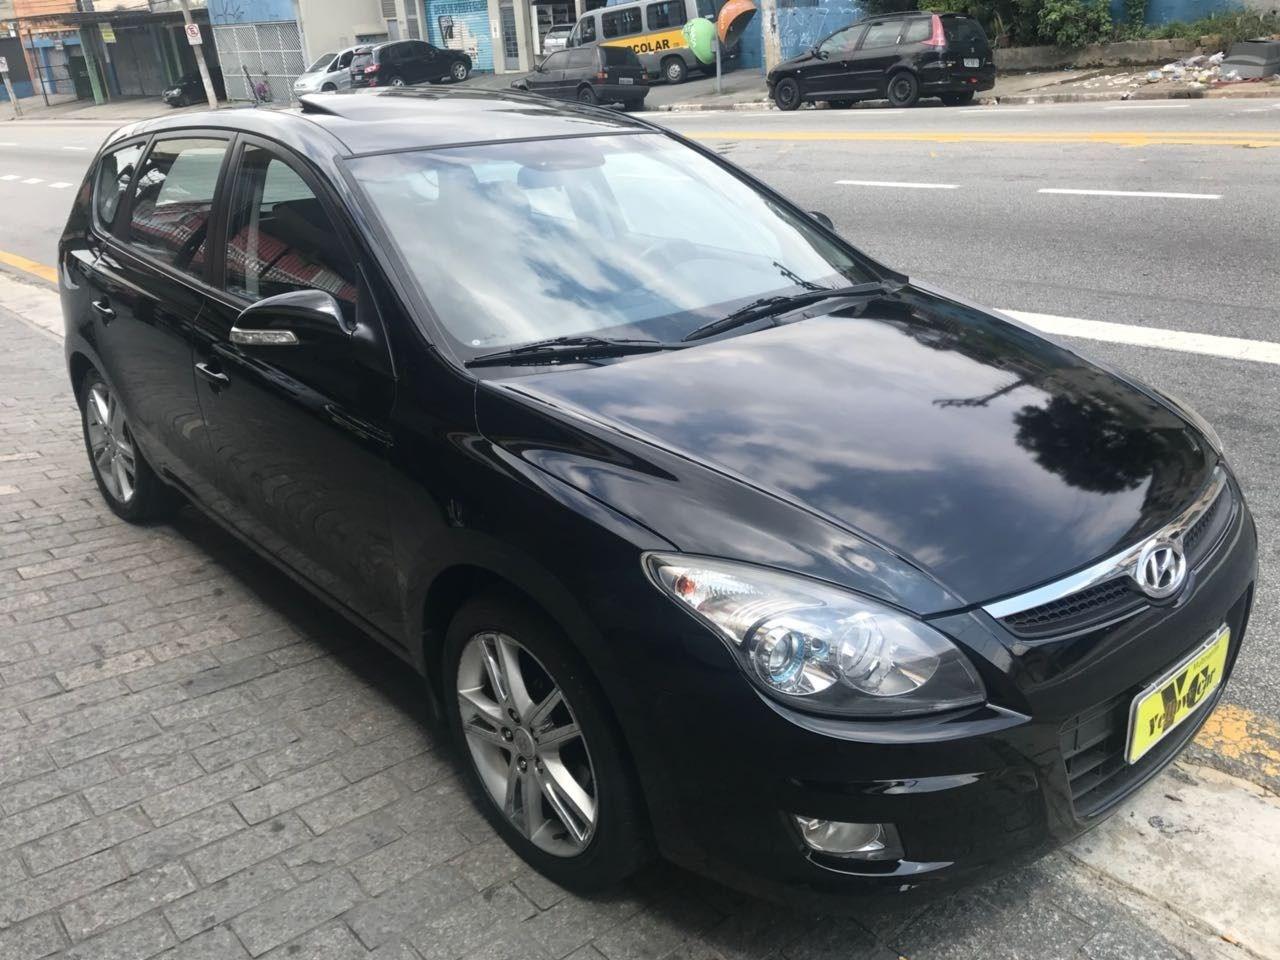 //www.autoline.com.br/carro/hyundai/i30-20-gls-cw-16v-gasolina-4p-automatico/2011/sao-paulo-sp/14567550